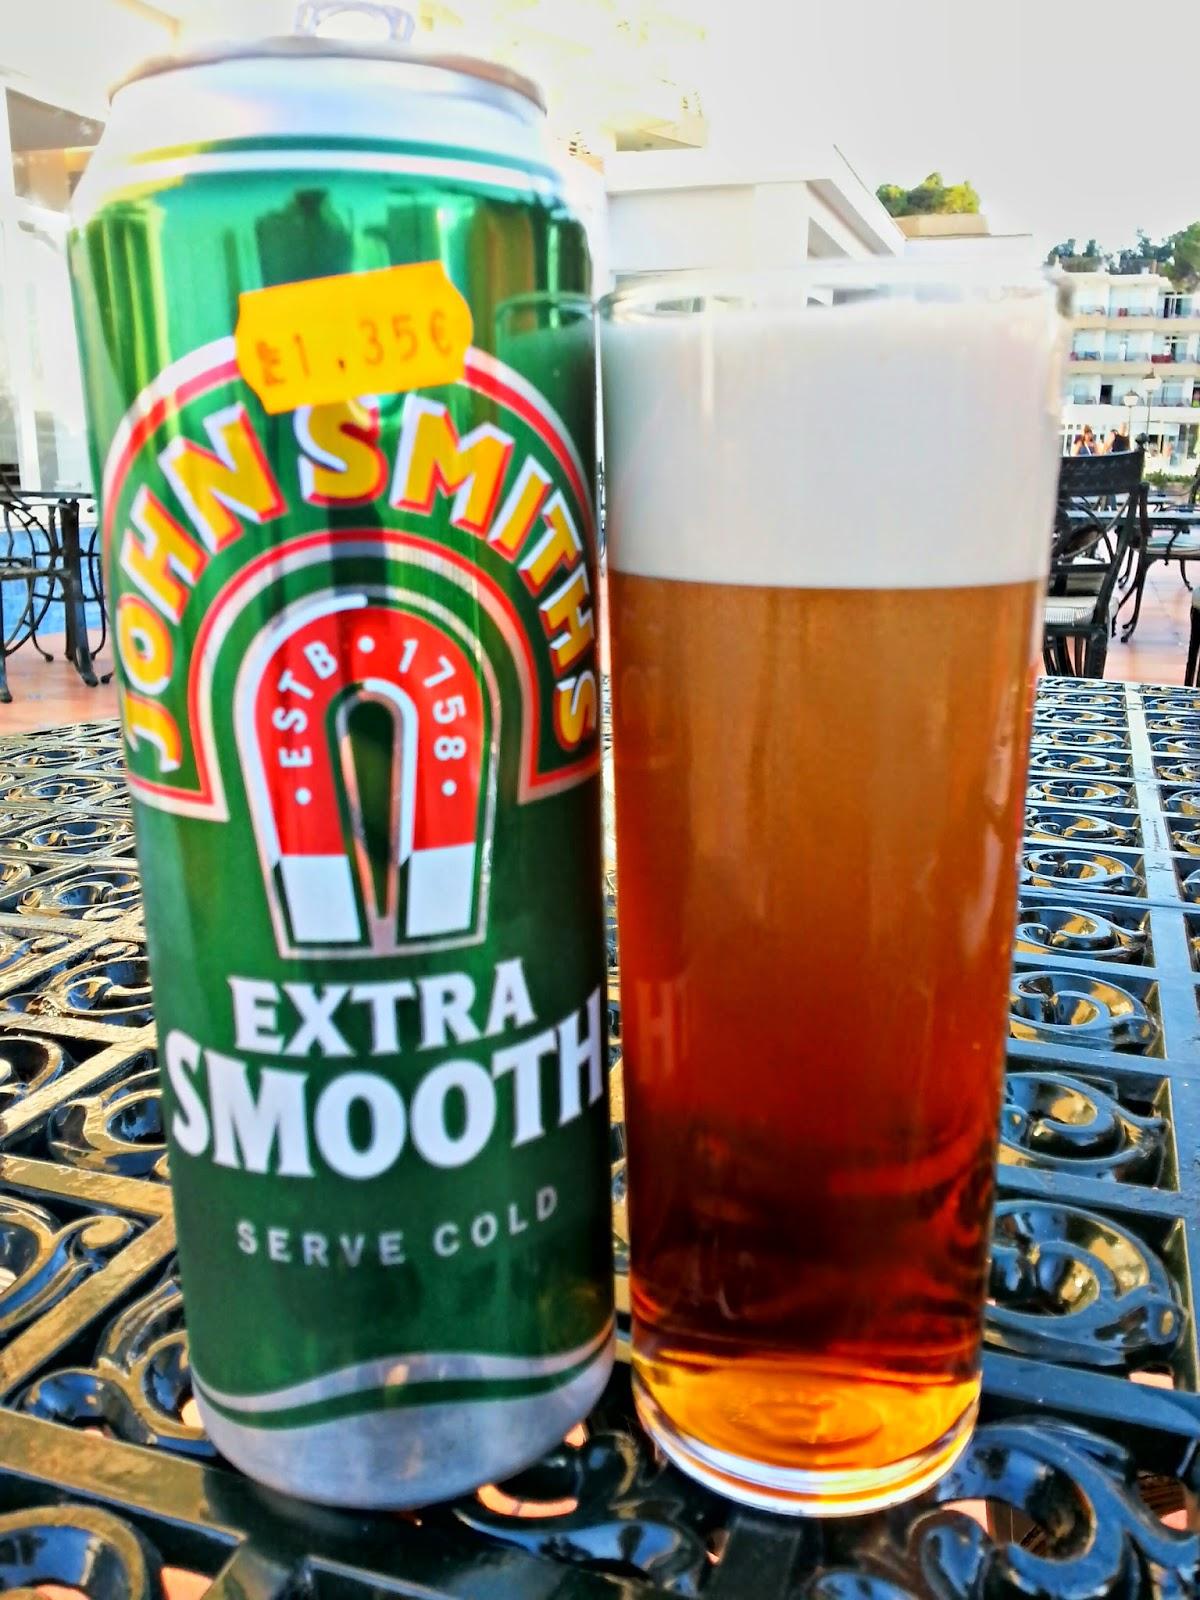 традиционный эль из англии - John Smith's Extra Smooth